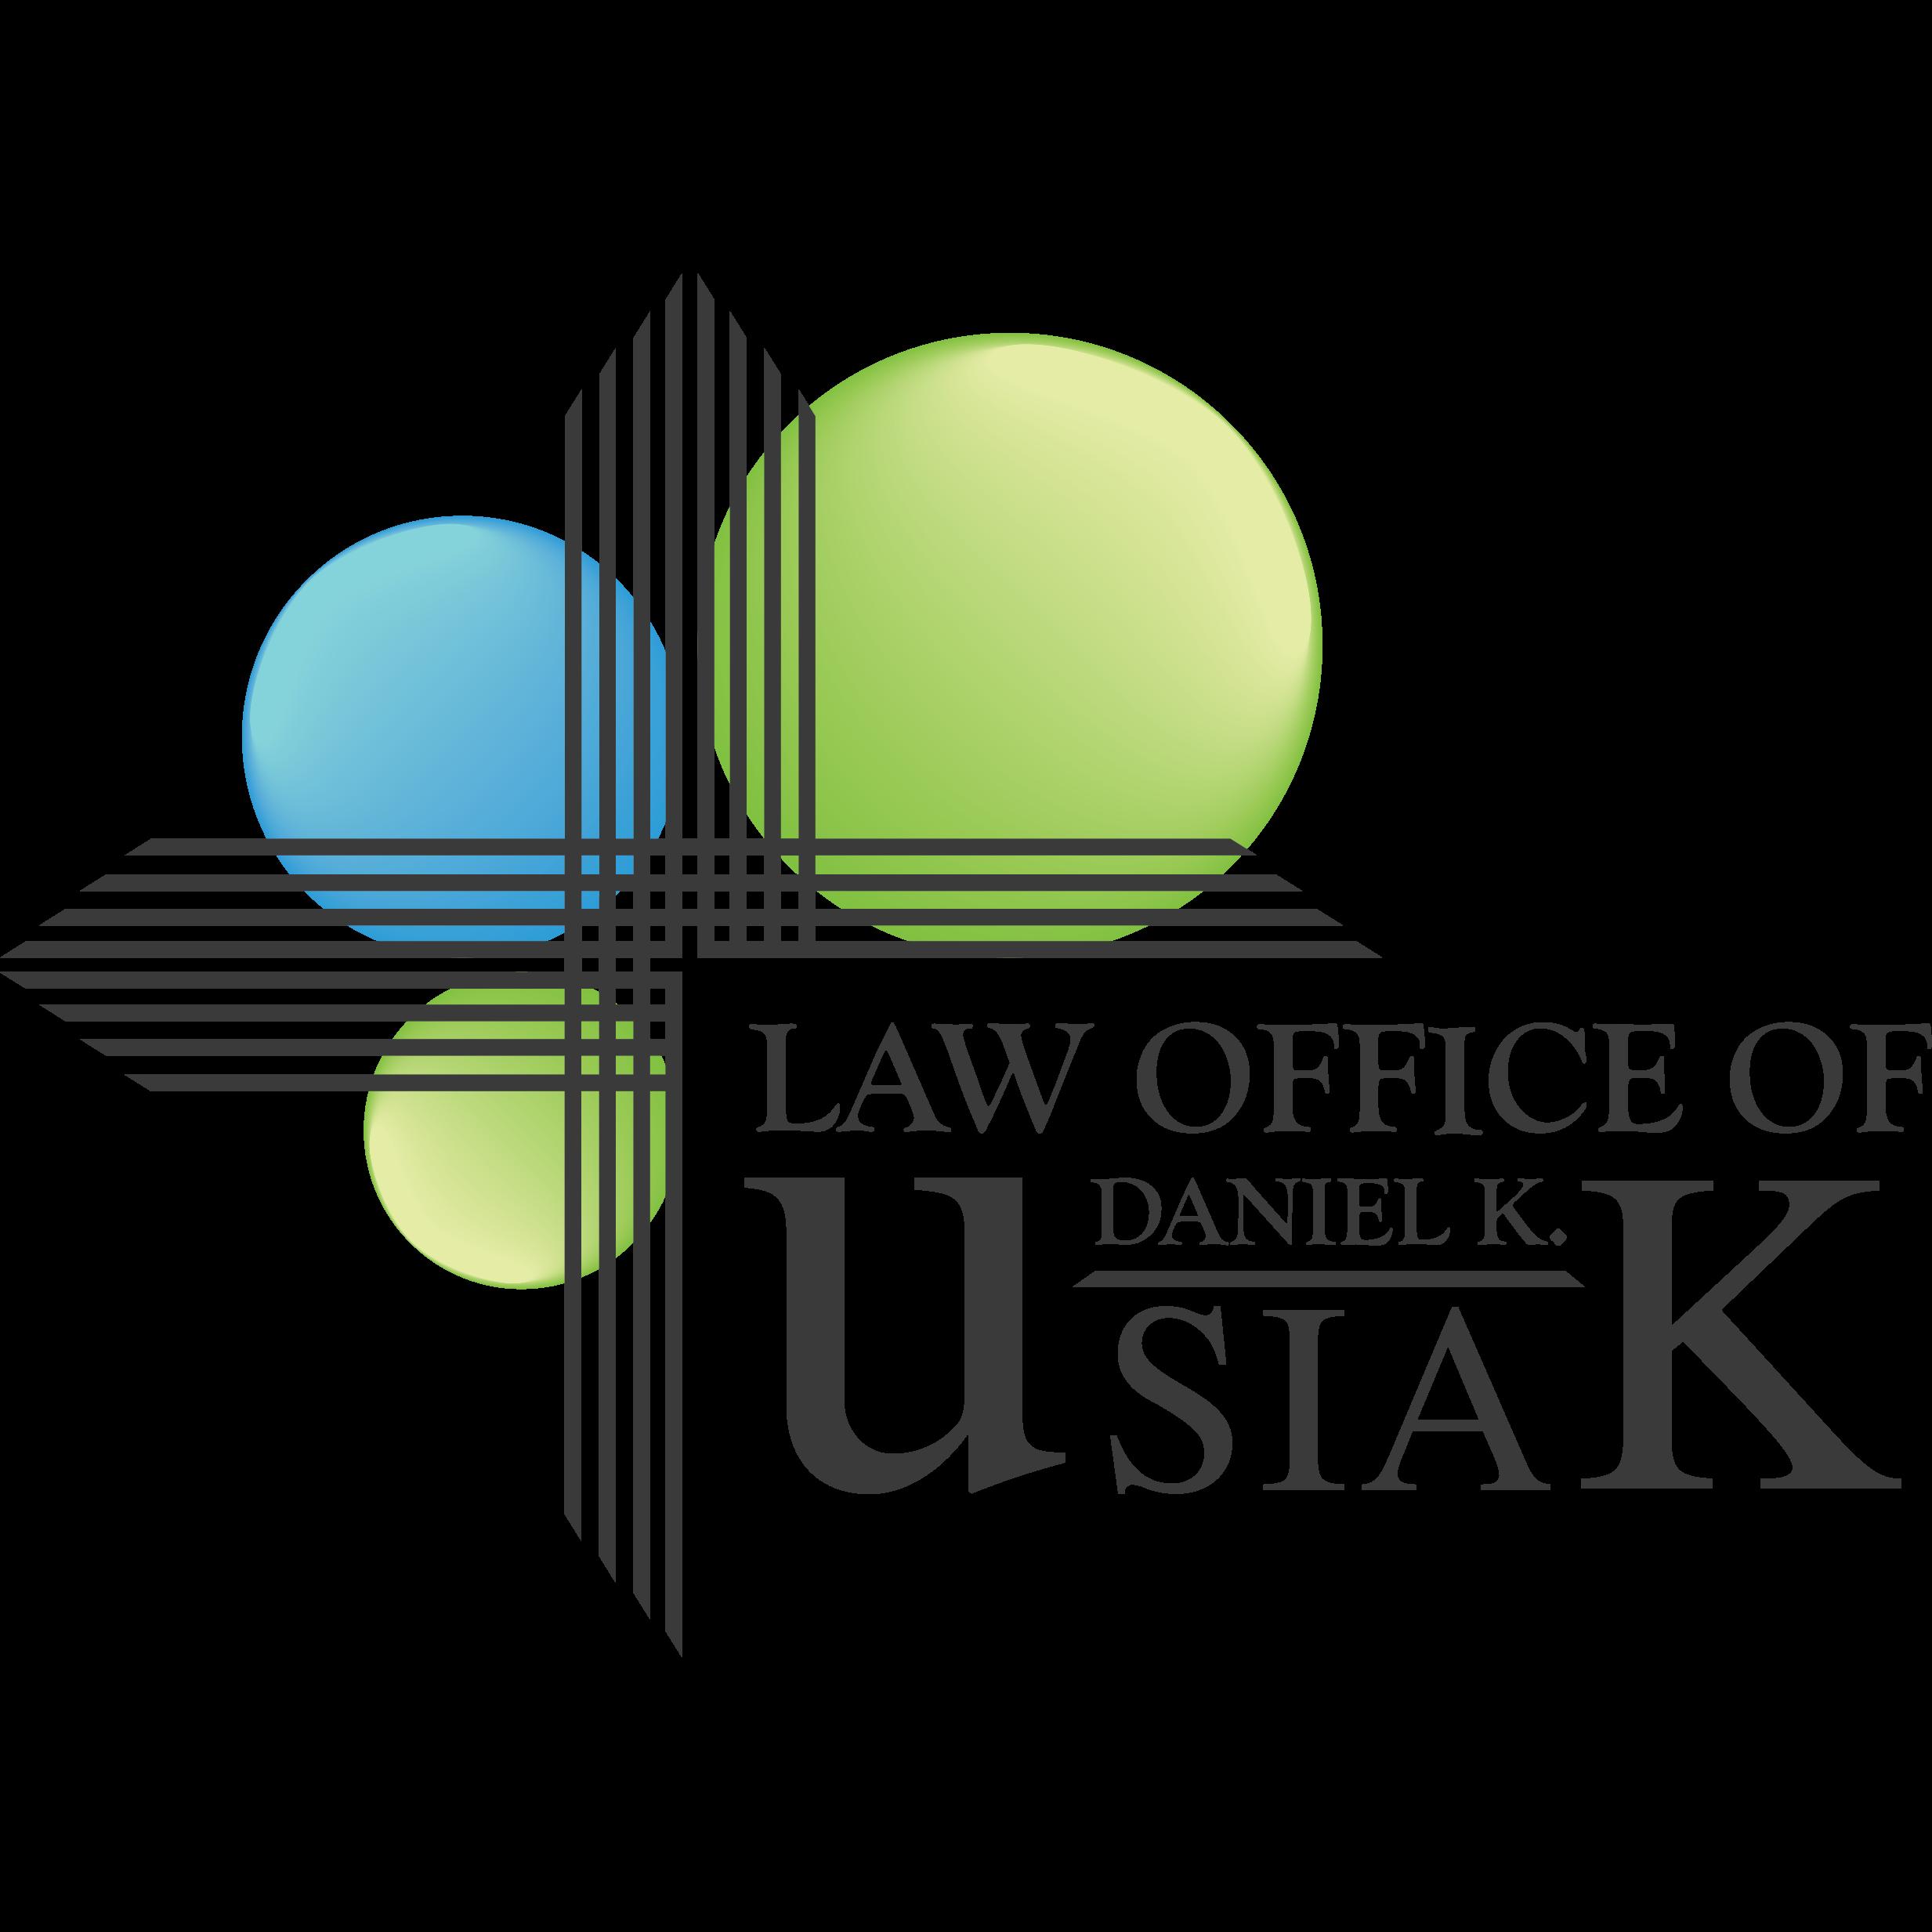 Law Office of Daniel K. Usiak, P.C.